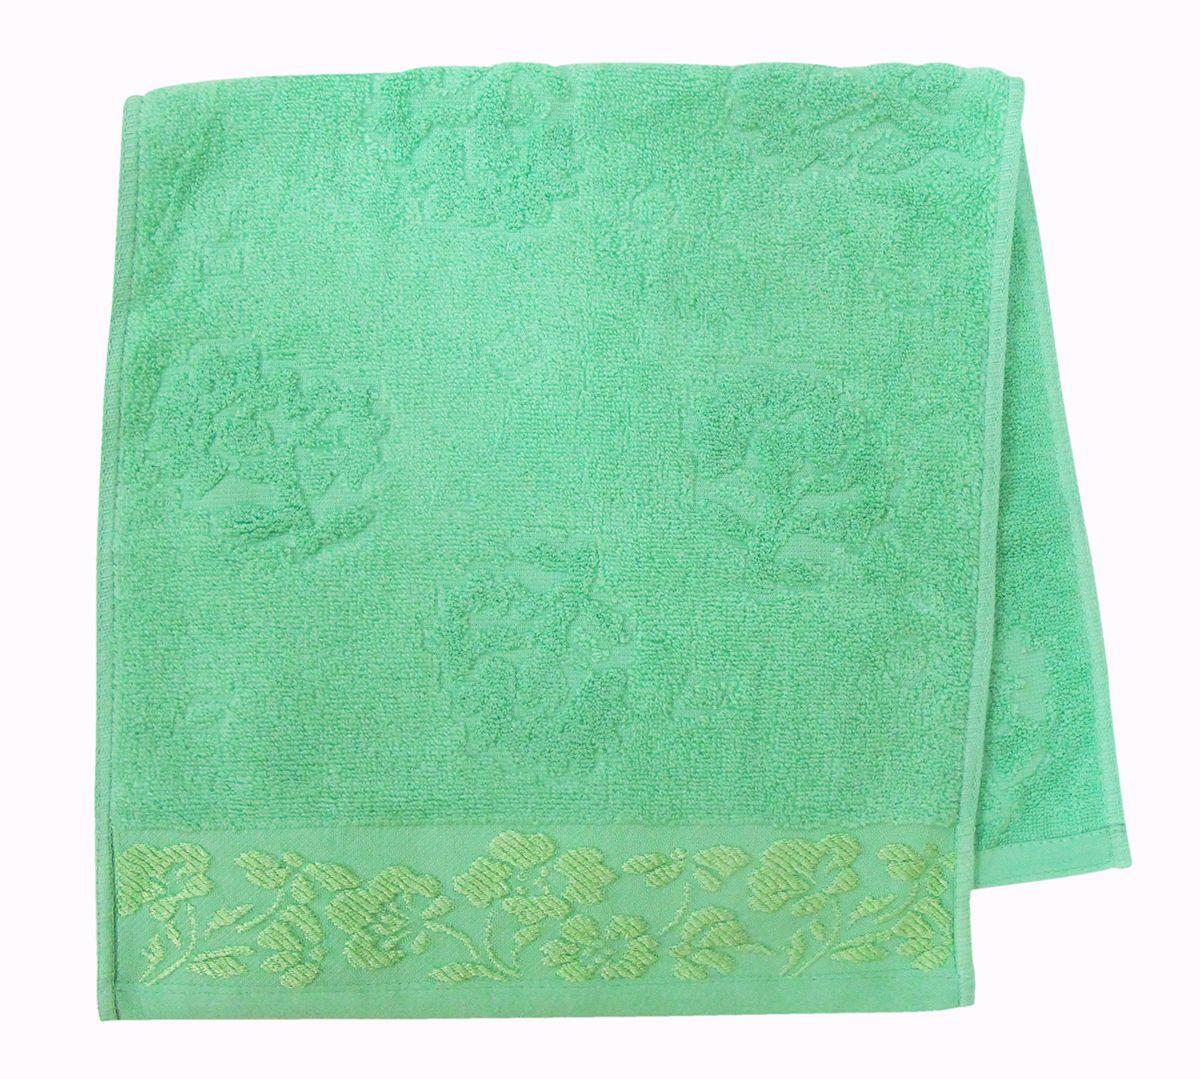 Полотенце махровое НВ Ромашка, цвет: зеленый, 33 х 70 см. м0177_0340709